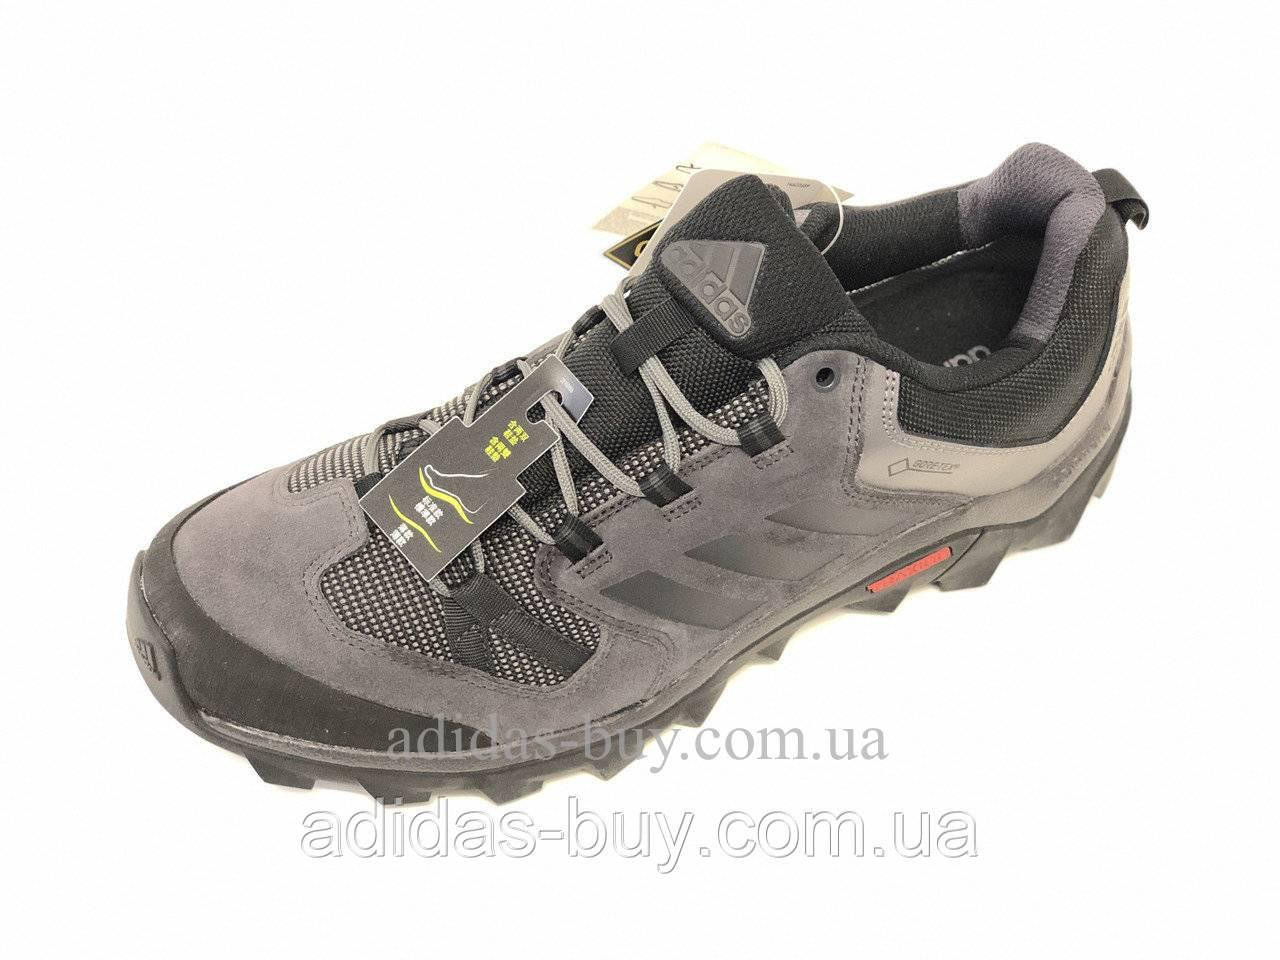 Мужские оригинал кроссовки adidas Caprock Gore-Tex повседневные BB3997 цвет: серый